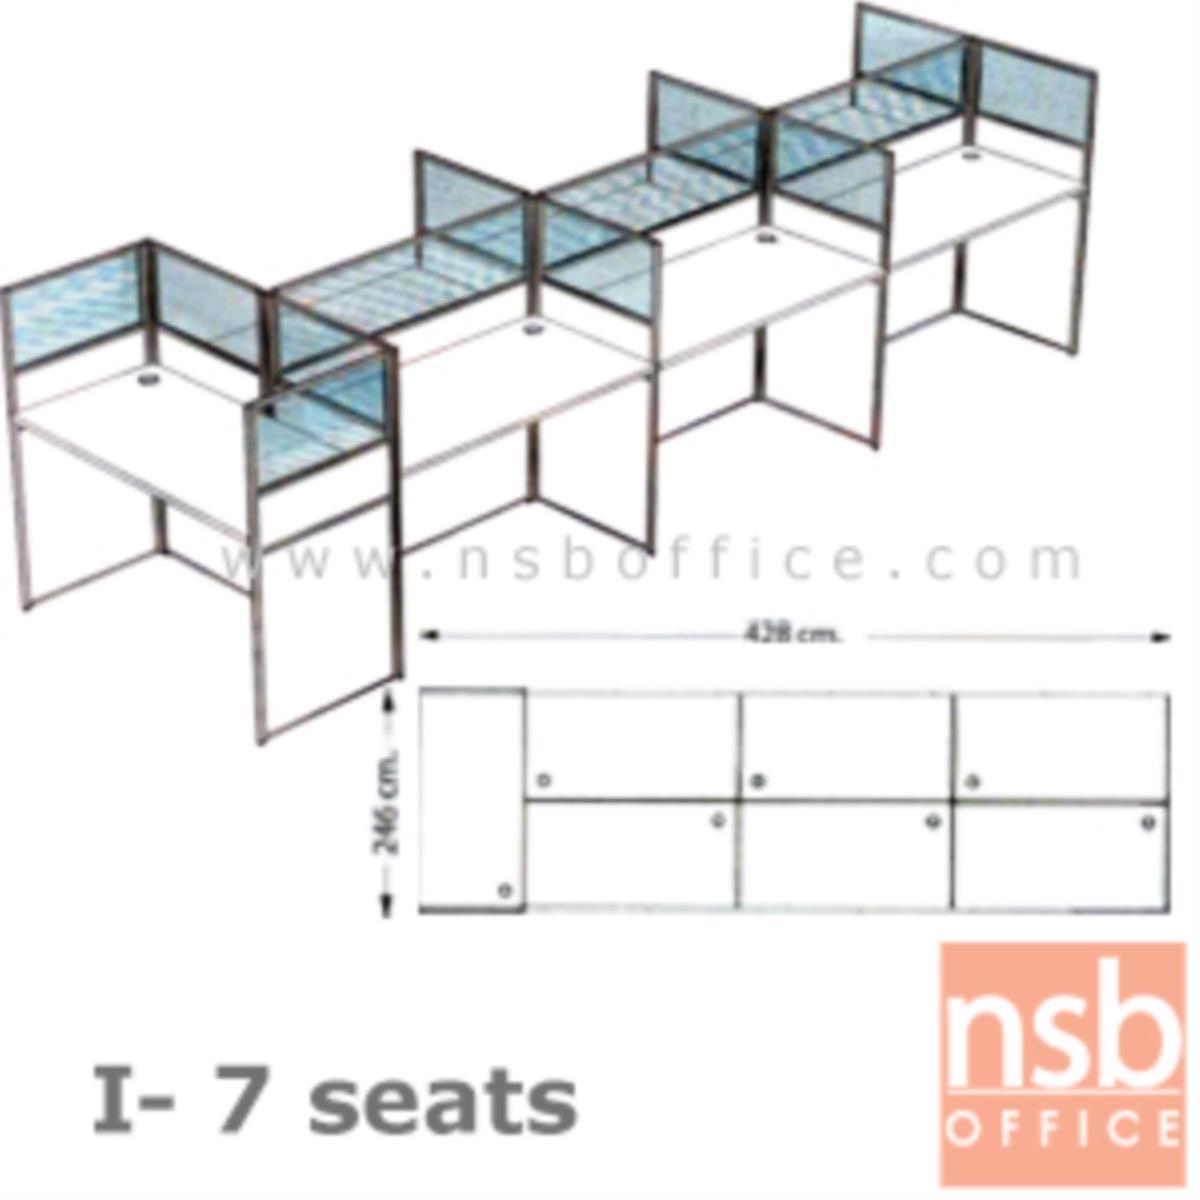 A04A092:ชุดโต๊ะทำงานกลุ่ม 7 ที่นั่ง   ขนาดรวม 428W*124.6D cm. พร้อมพาร์ทิชั่นครึ่งกระจกขัดลาย